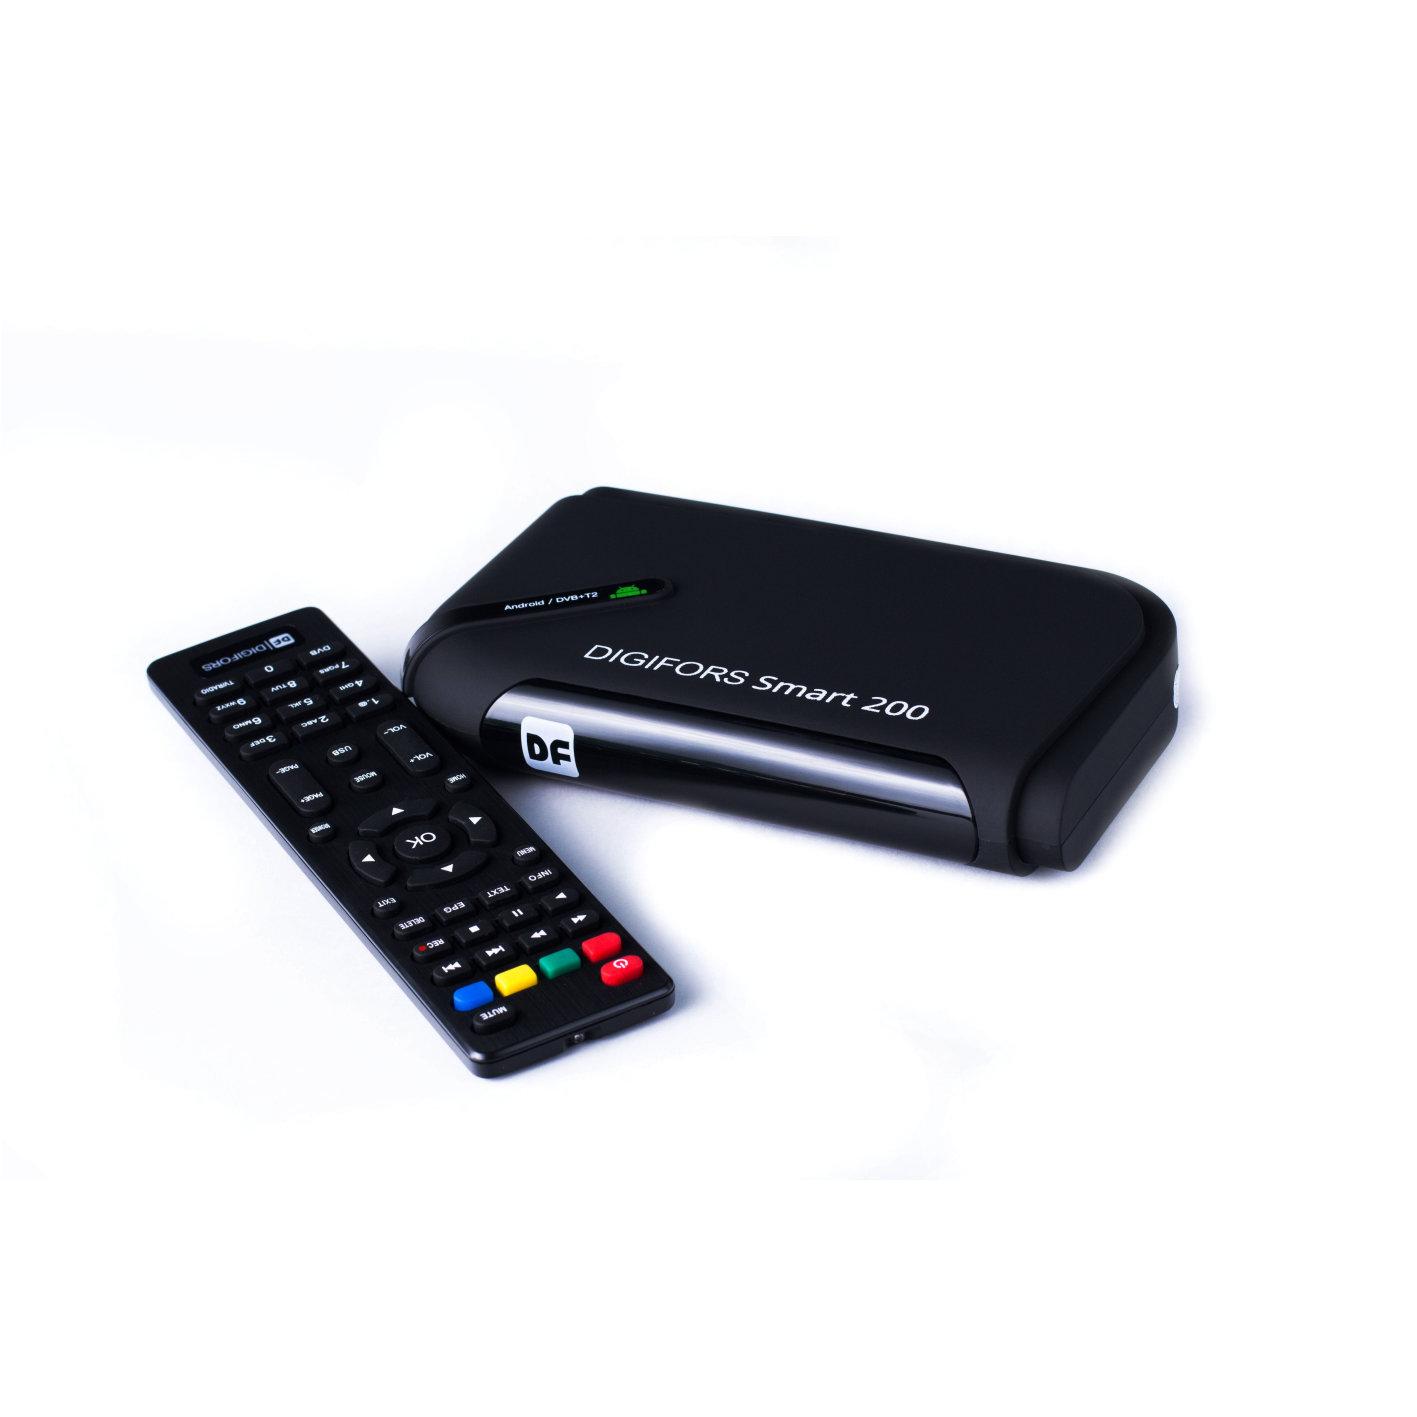 Цифровой Приемник (тюнер) Ресивер Приставка для цифрового эфирного телевидения DVB-Т2   DIGIFORS Мультимедиа ресивер DIGIFORS SMART200 Android 39